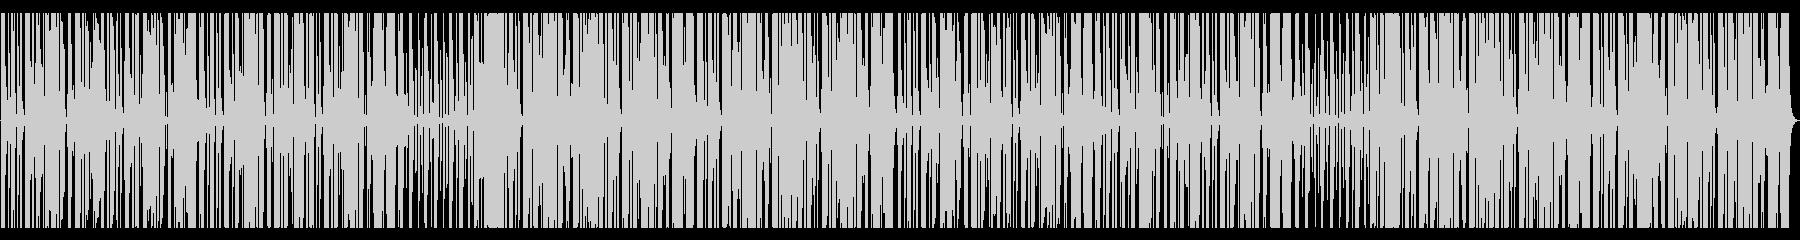 生々しいファンクの未再生の波形